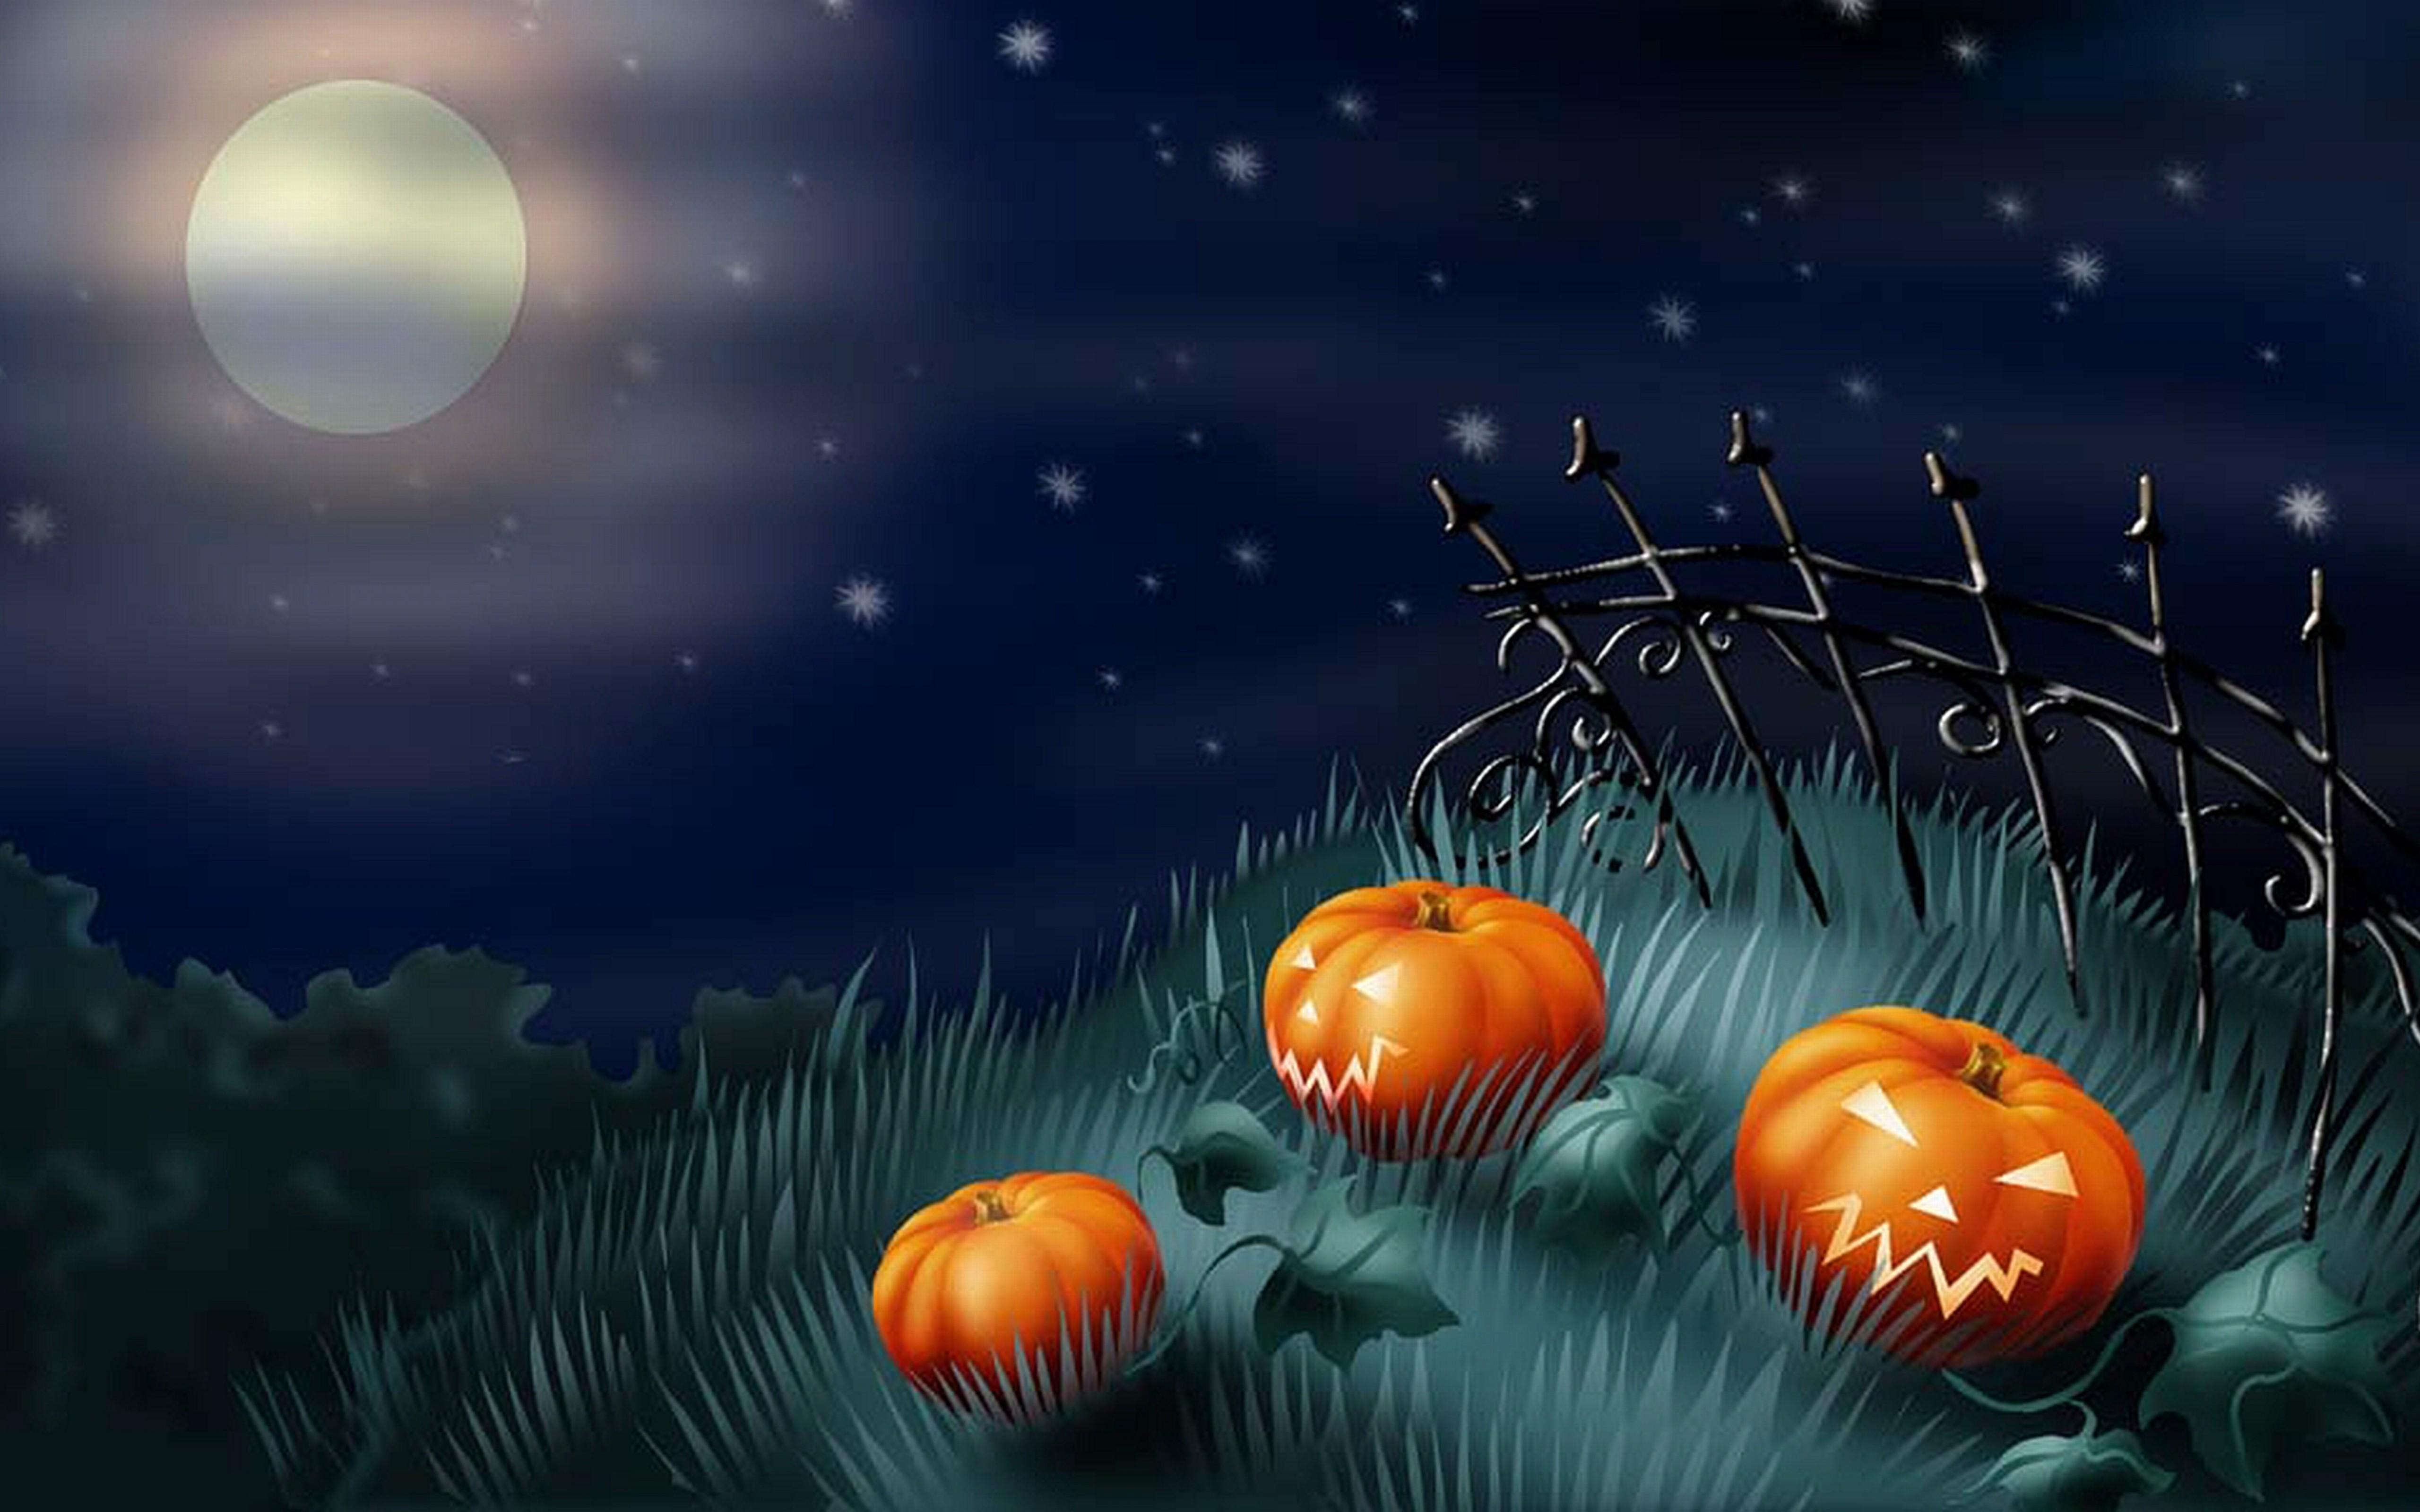 Scary pumpkins in the garden   Happy Halloween night 5120x3200